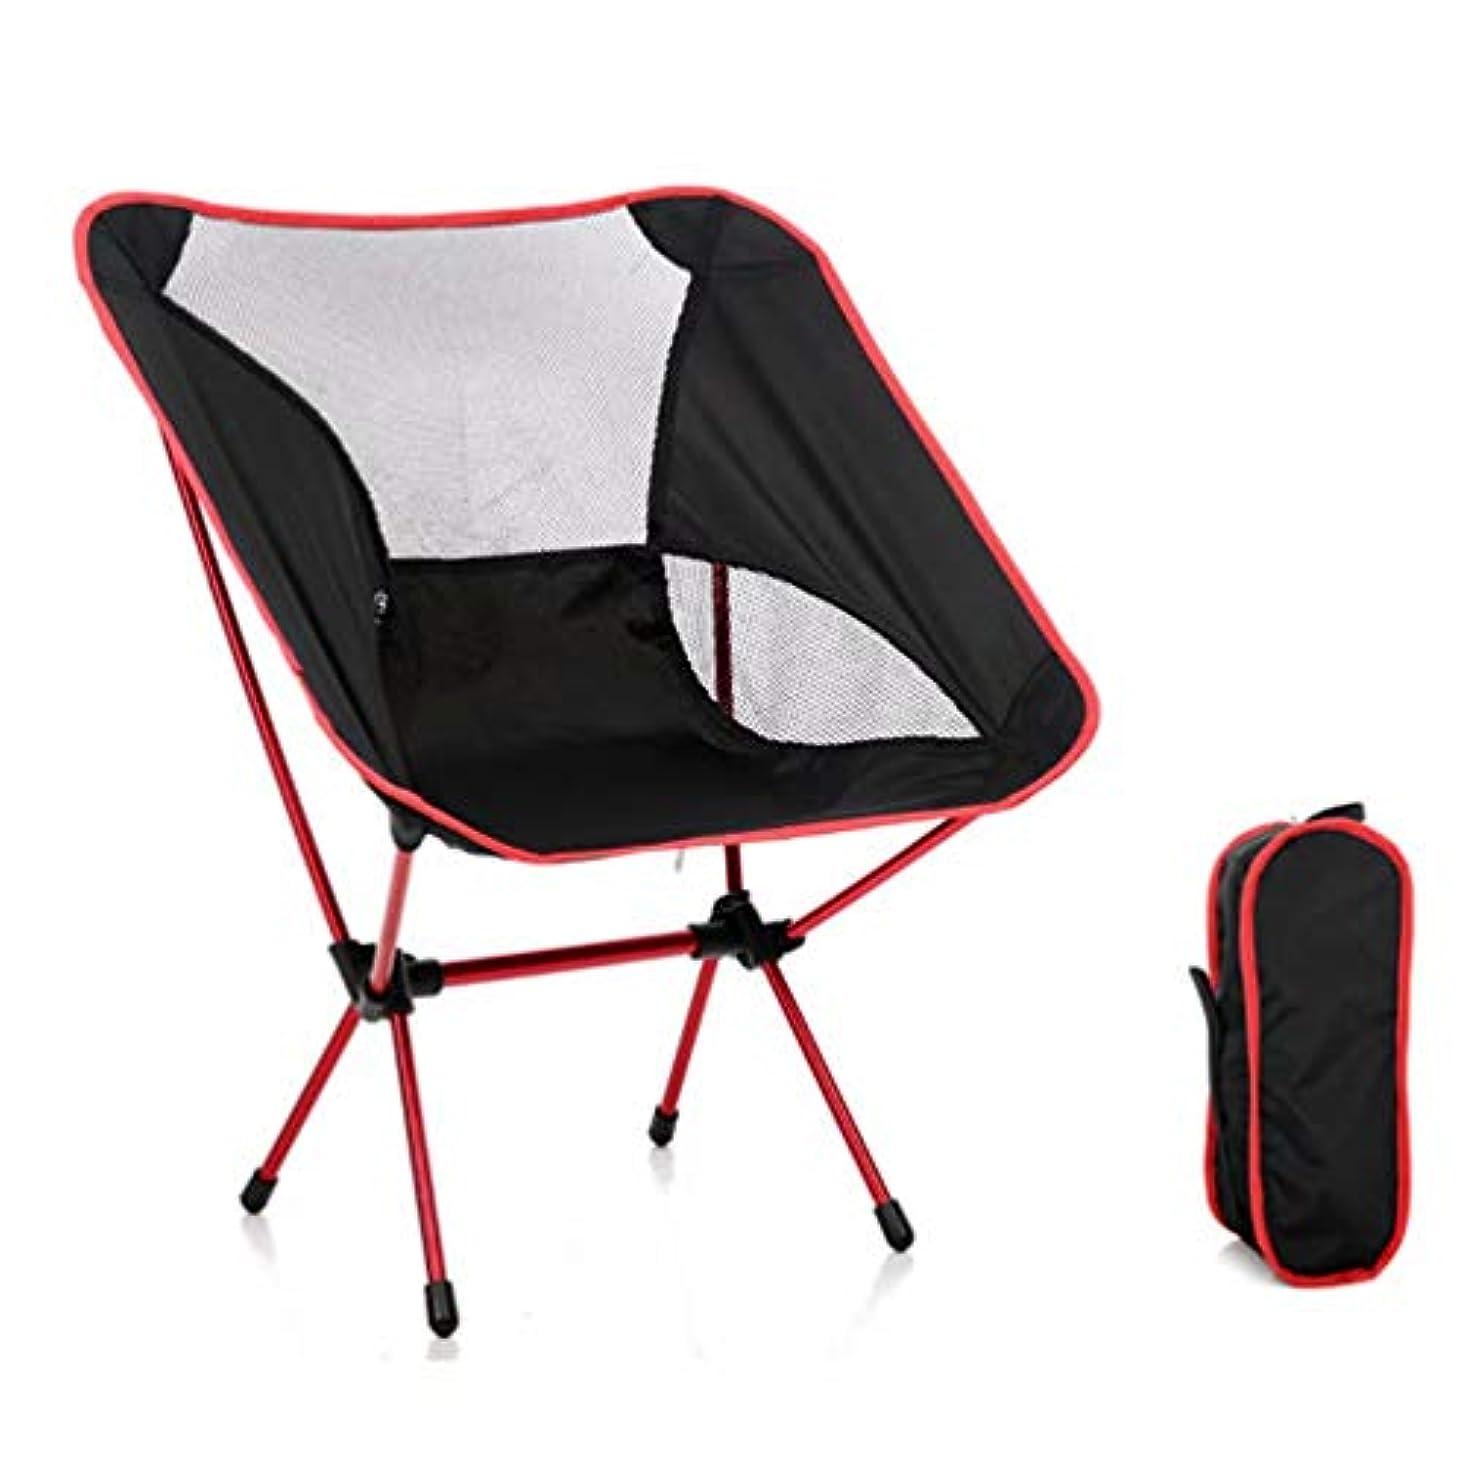 製造例外パトワ折りたたみチェア アウトドア 椅子 軽量 収納バッグ付き 背もたれ椅子 簡単組み立